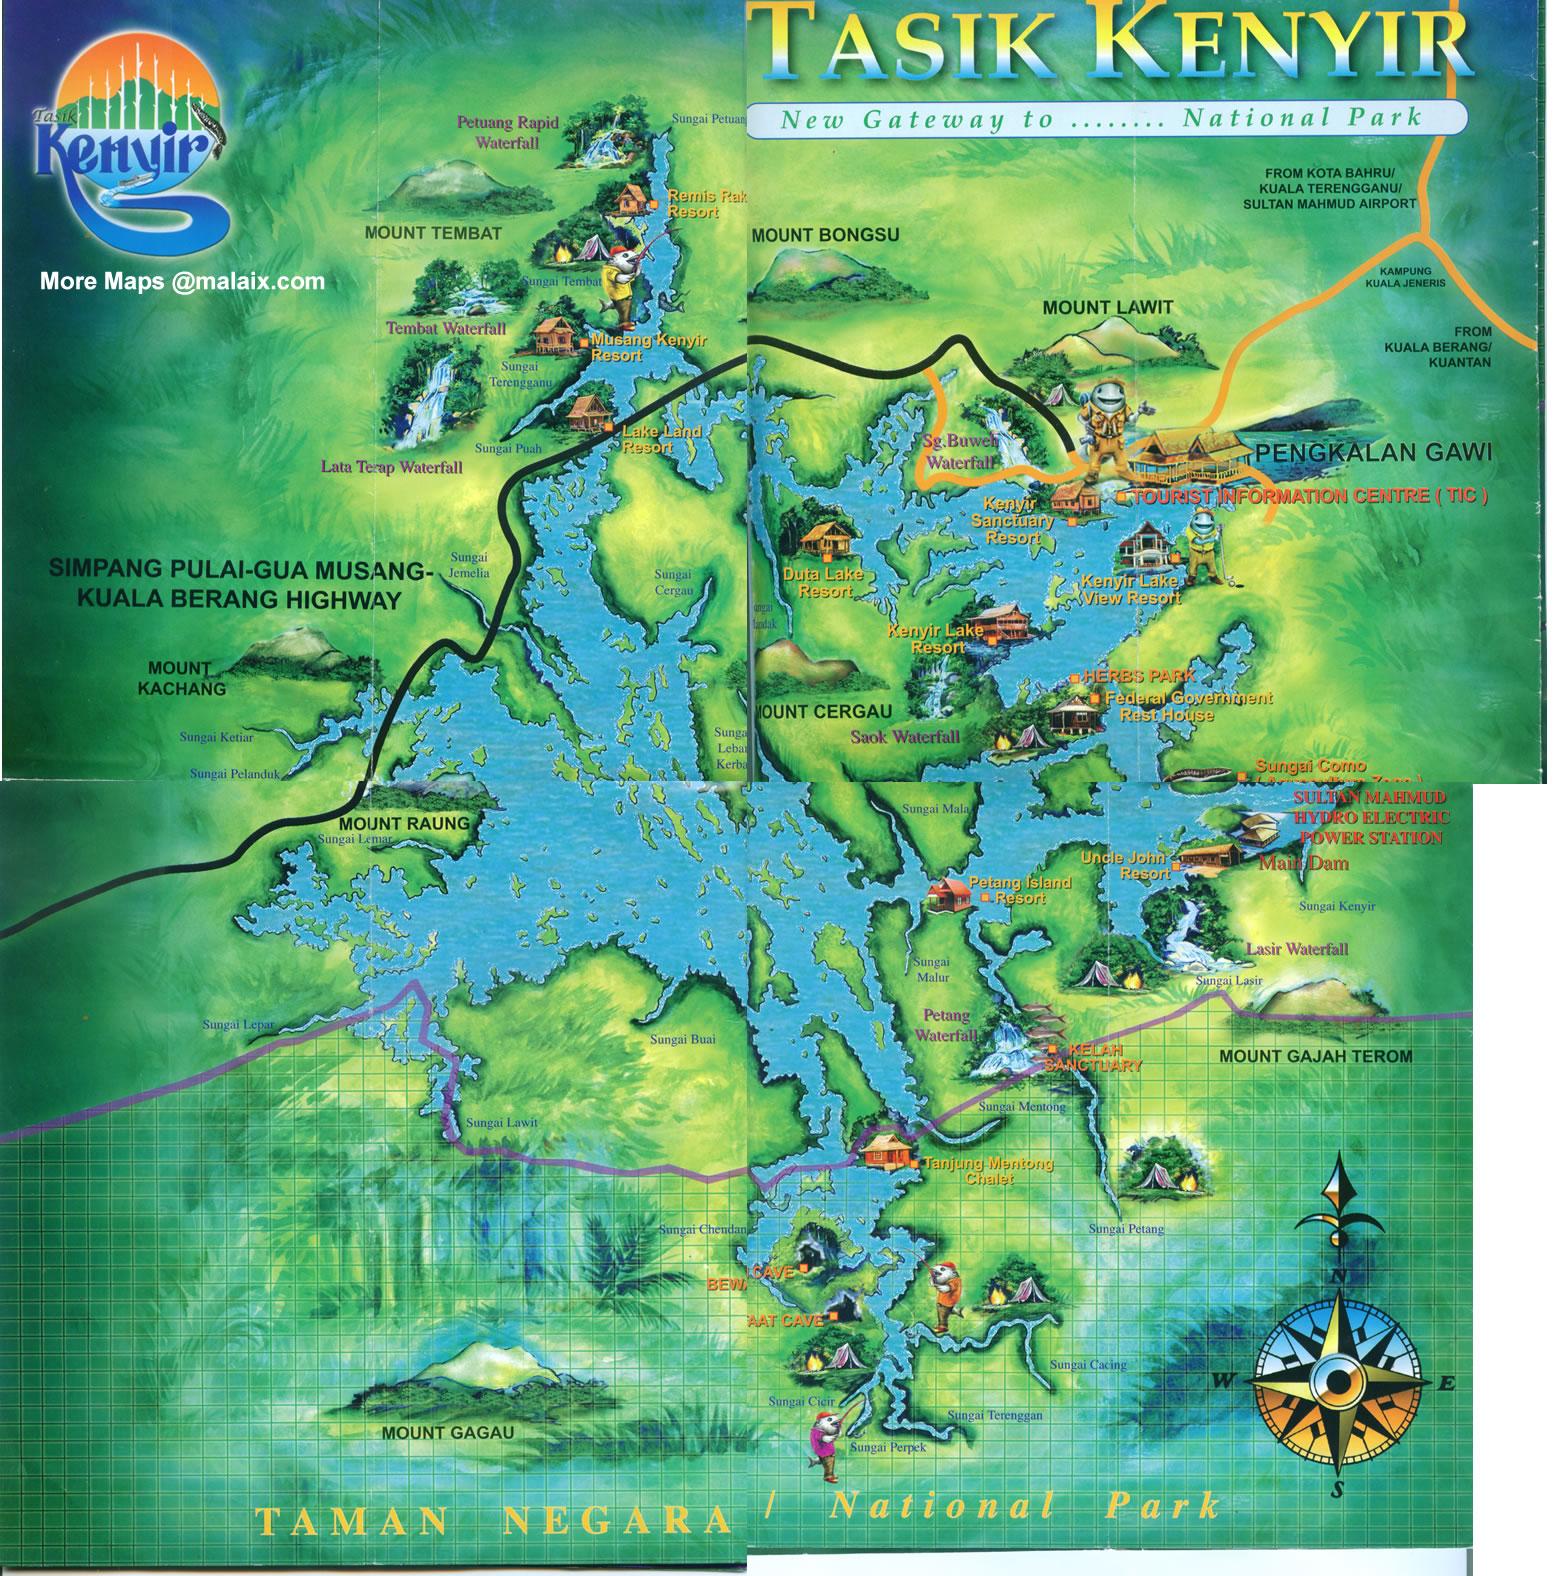 terengganu malaysia map: